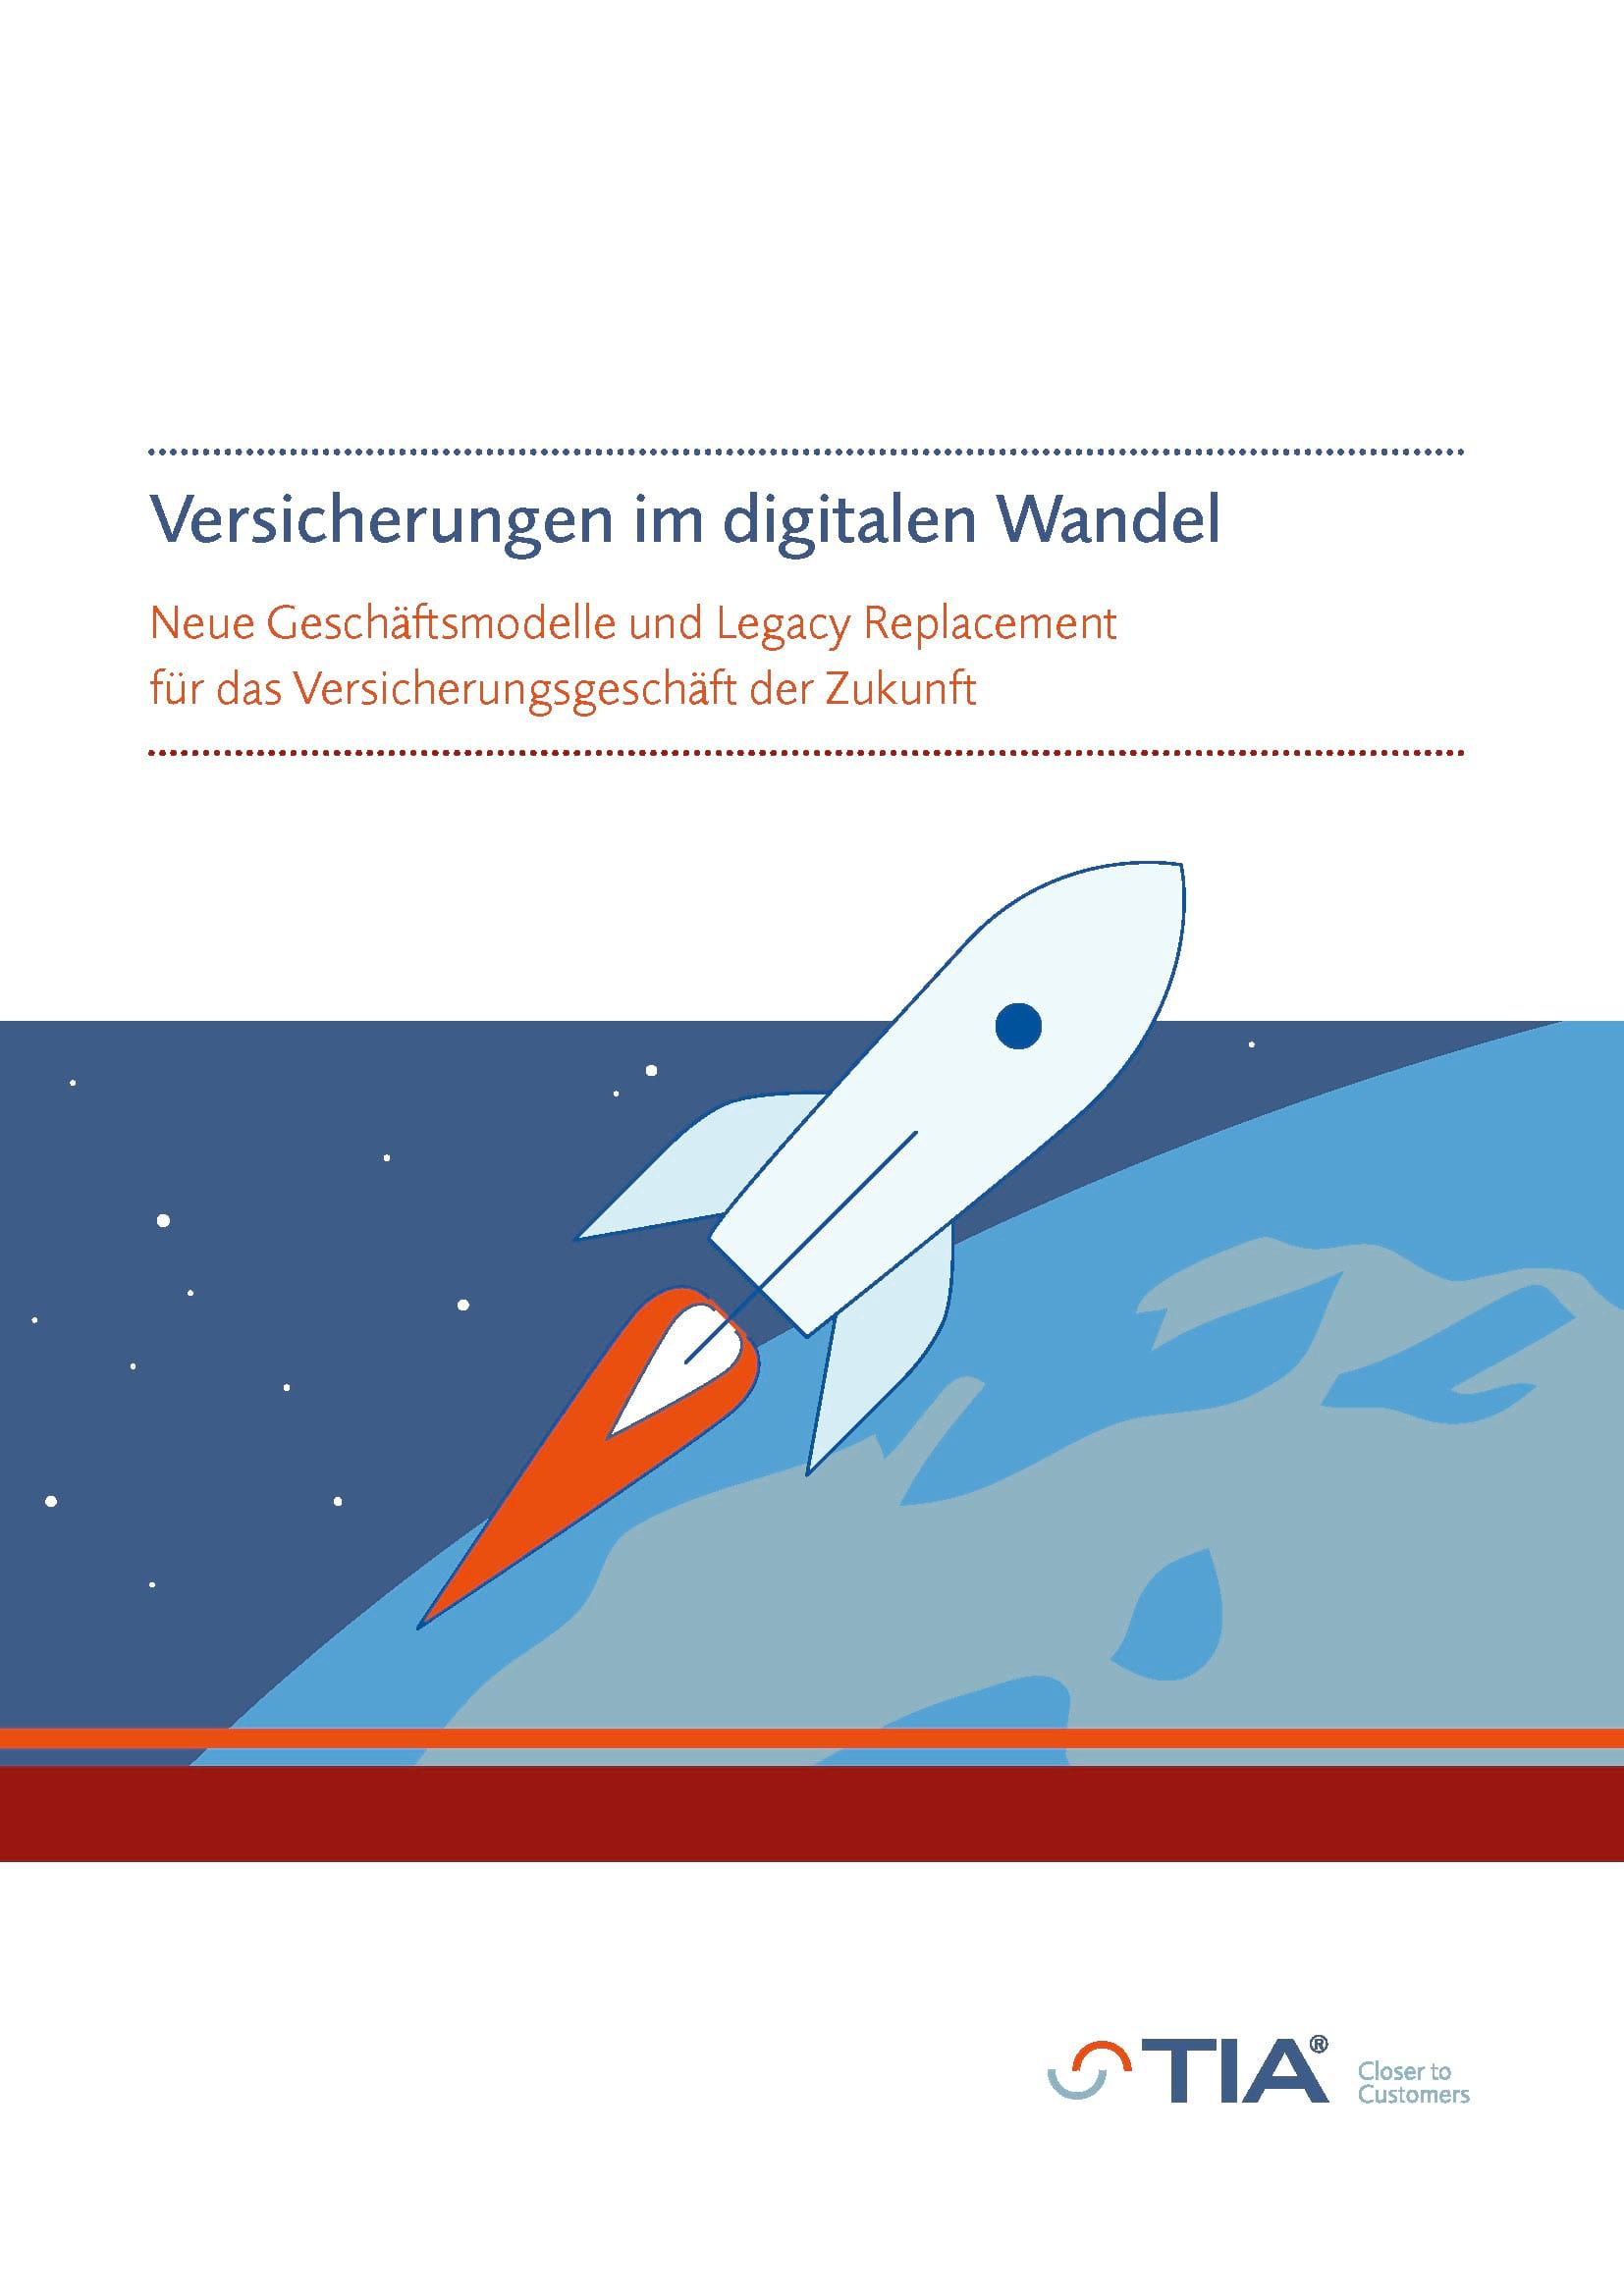 Whitepaper Versicherungen im digitalen Wandel, TIA Technology, summ-it Unternehmensberatung